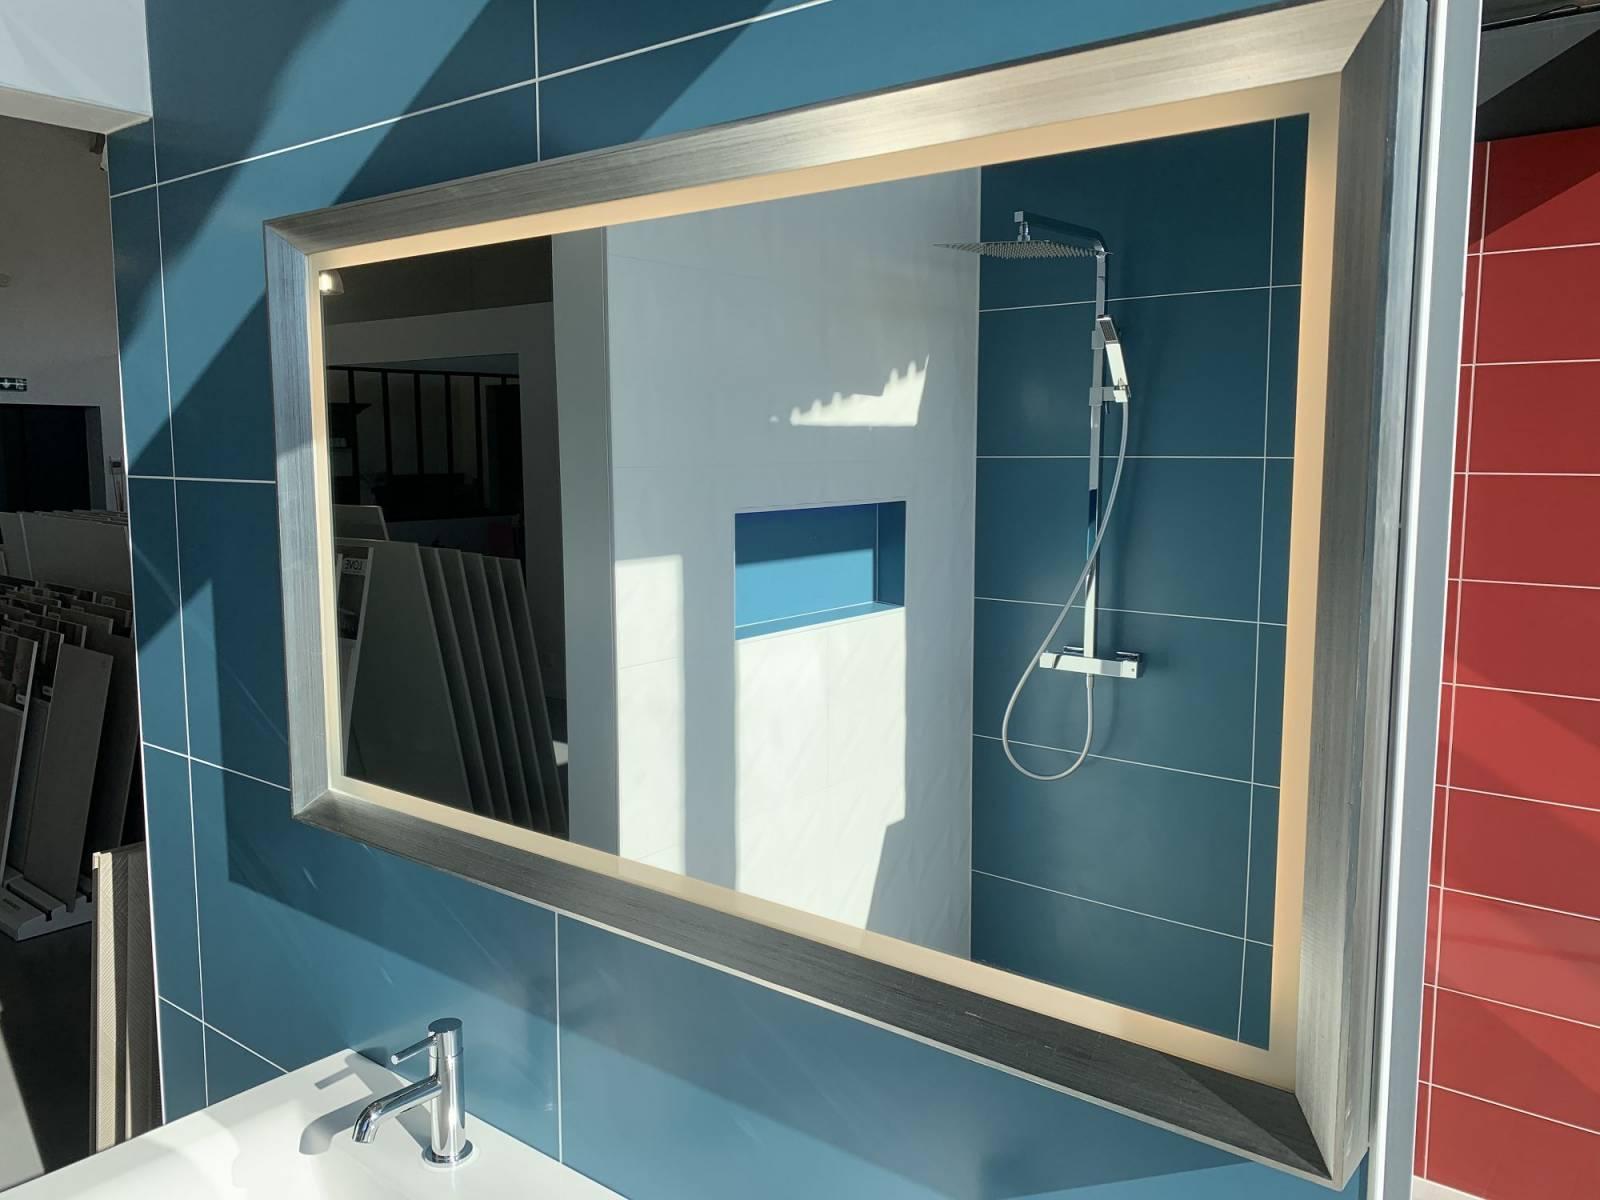 Salle de bain faïence bleu canard en grand format au showroom à Libourne près de Les Billaux ...